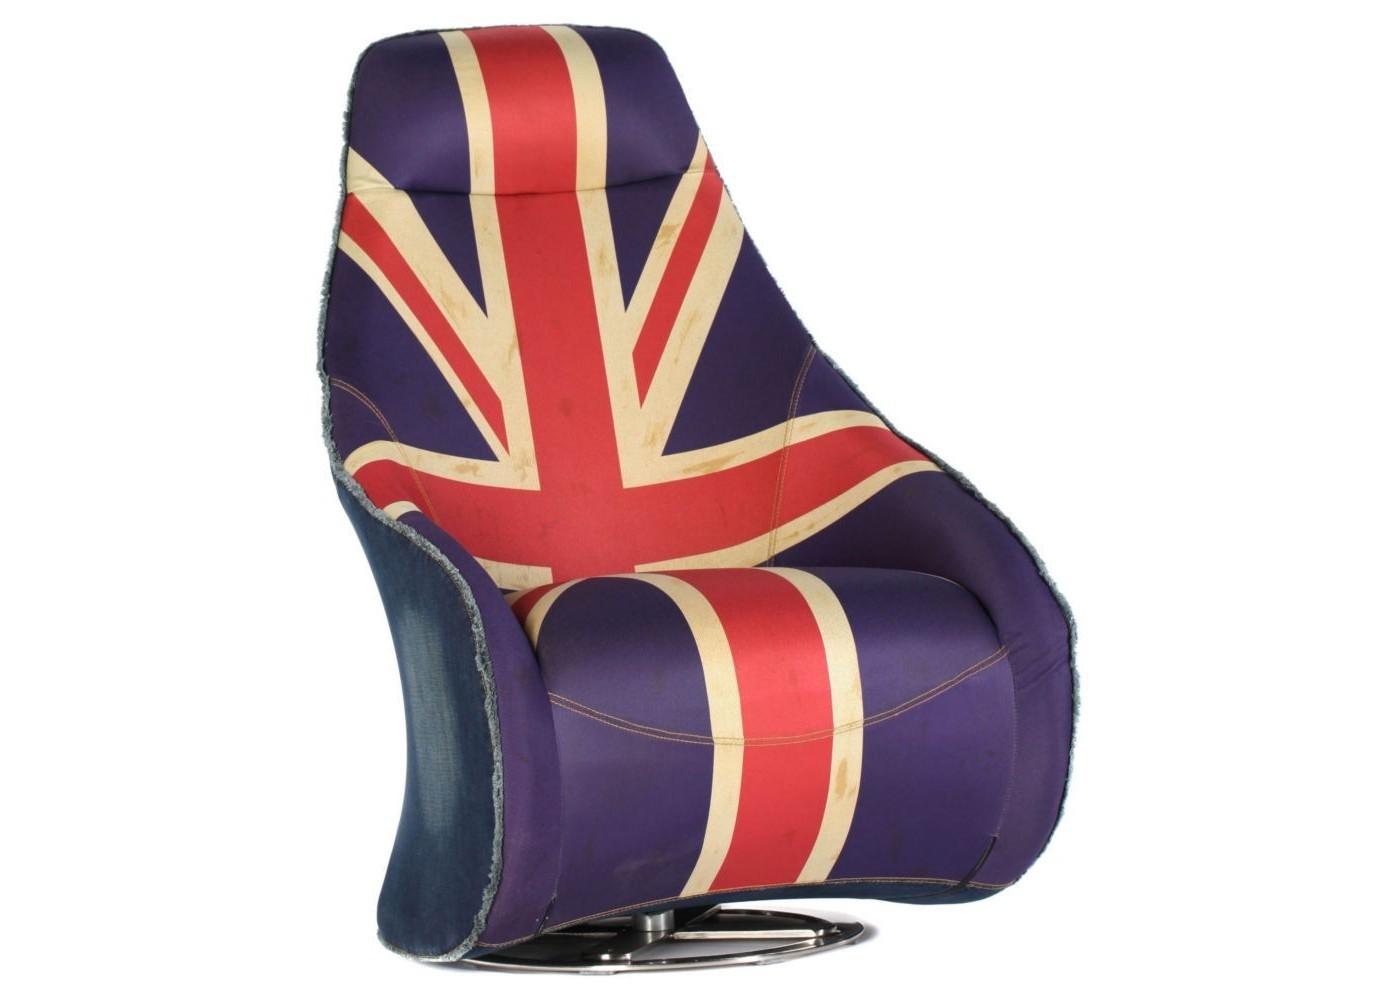 Кресло Deep RotationКресла с высокой спинкой<br>Оригинальное мягкое кресло для англоманов и не только. Тканая обивка с изображением британского флага. Устойчивая круглая металлическая ножка. Узкая спинка кресла, расширяясь книзу, плавно переходит в удобные подлокотники. Кресло стильное и удобное одновременно.<br><br>Material: Текстиль<br>Ширина см: 82<br>Высота см: 108<br>Глубина см: 72